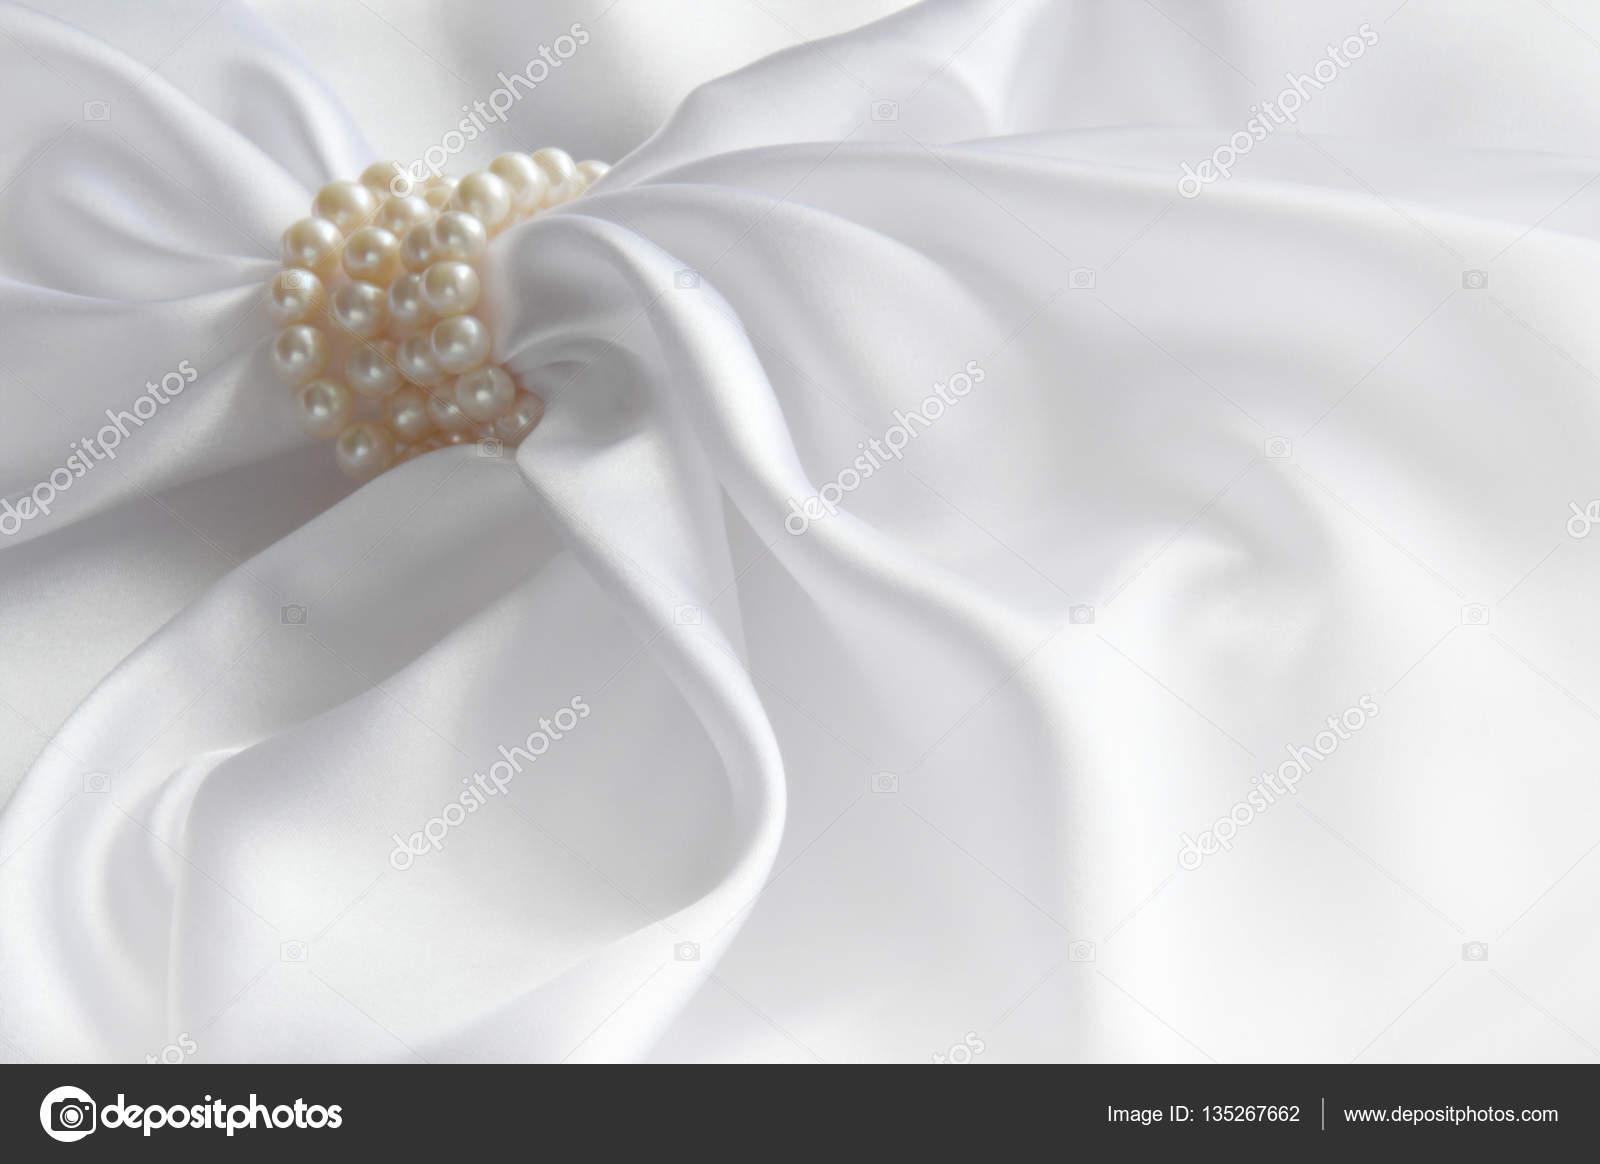 White Satin Drapes